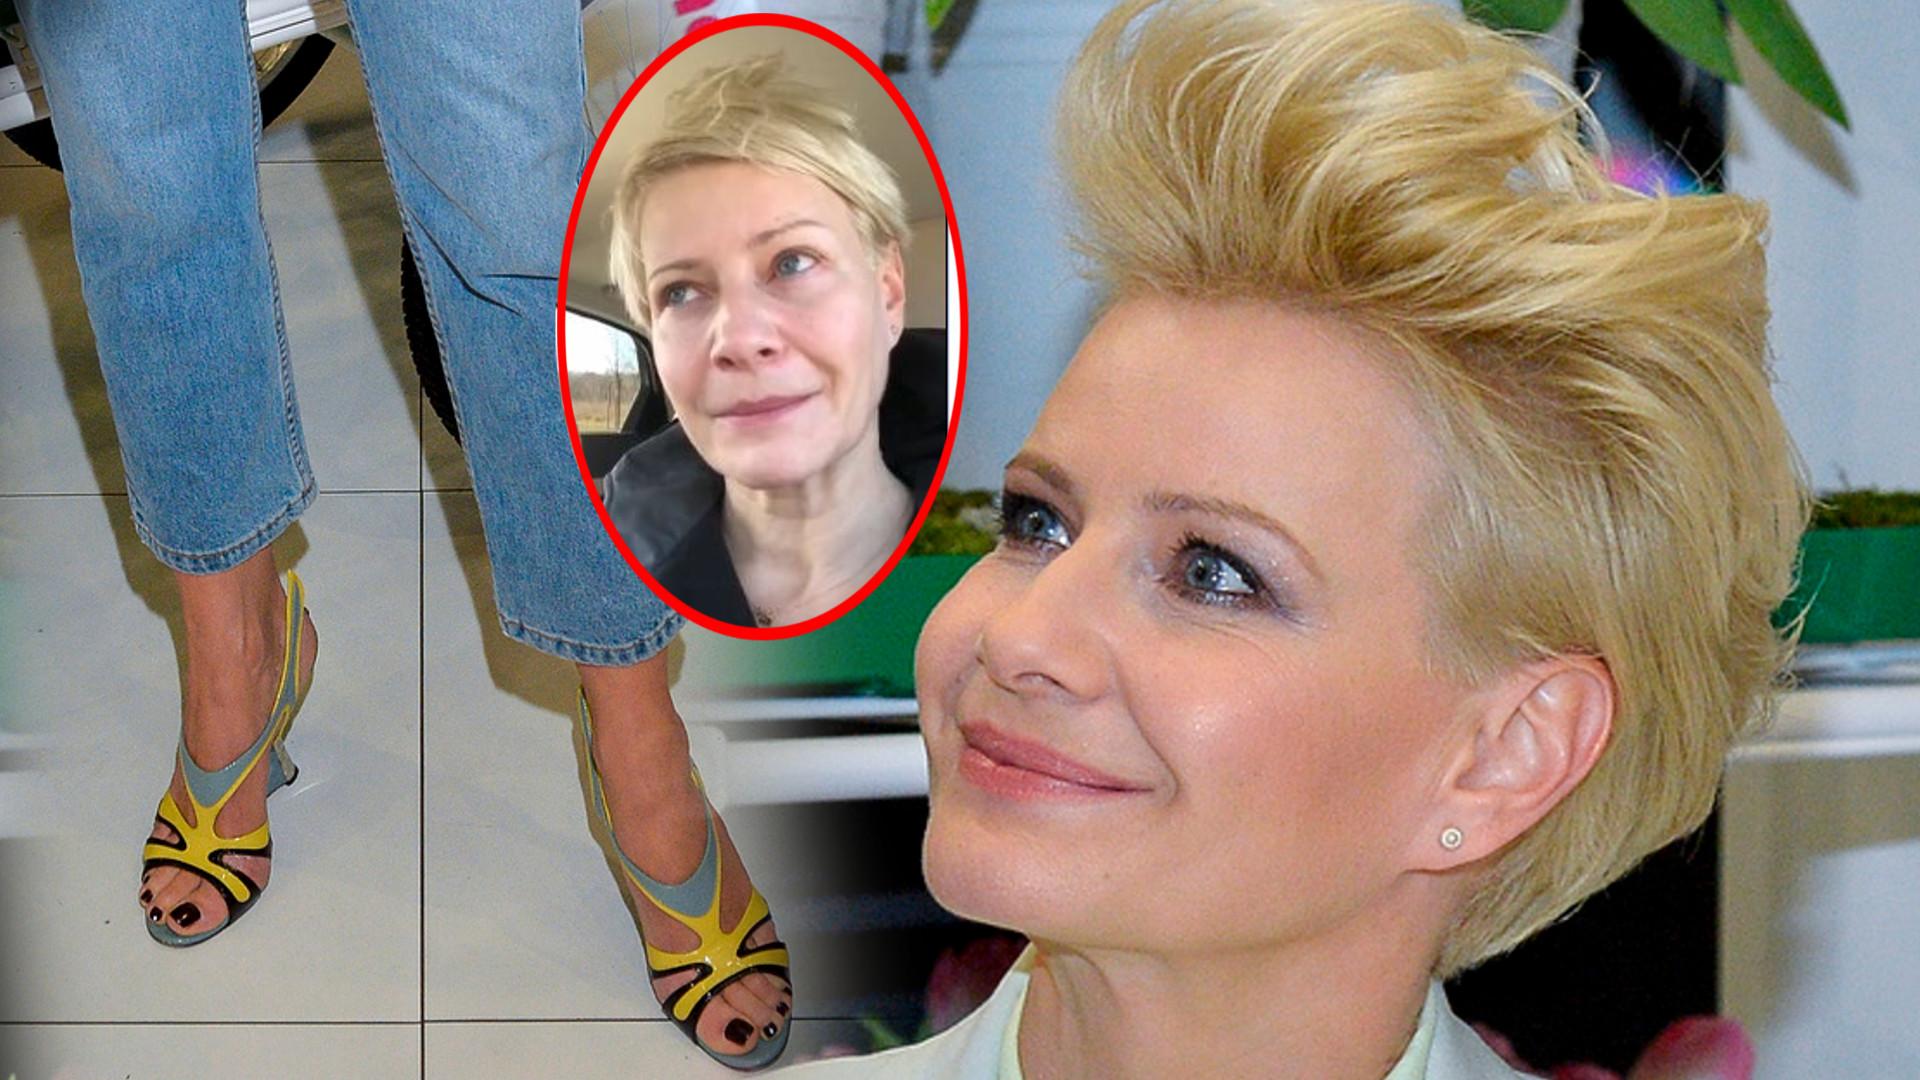 Małgorzata Kożuchowska zmyła makijaż i złożyła życzenia kobietom na swoim Instagramie